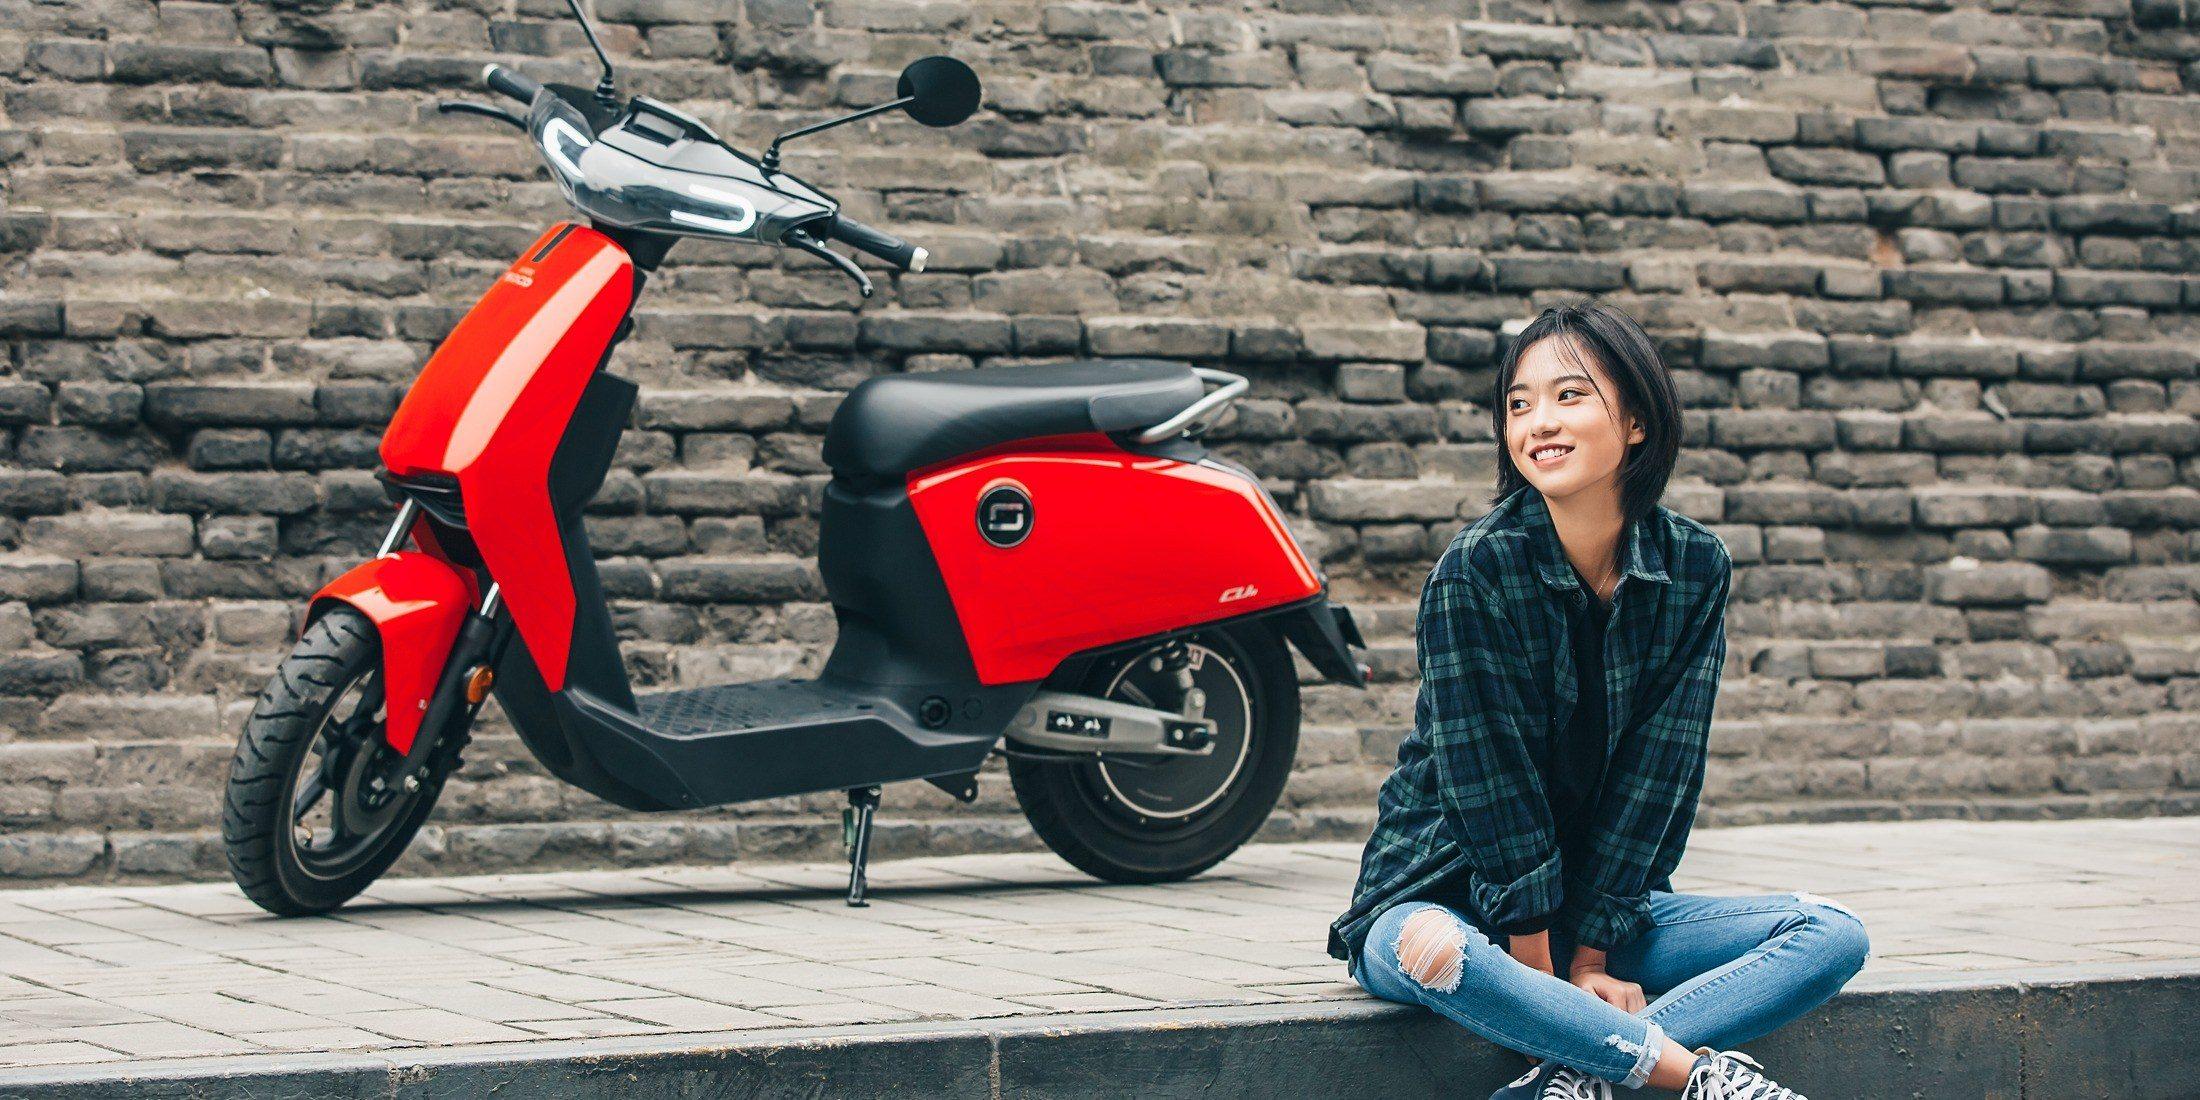 Ducati se lance dans le grand bain de l'électrique avec un scooter au design simple mais efficace